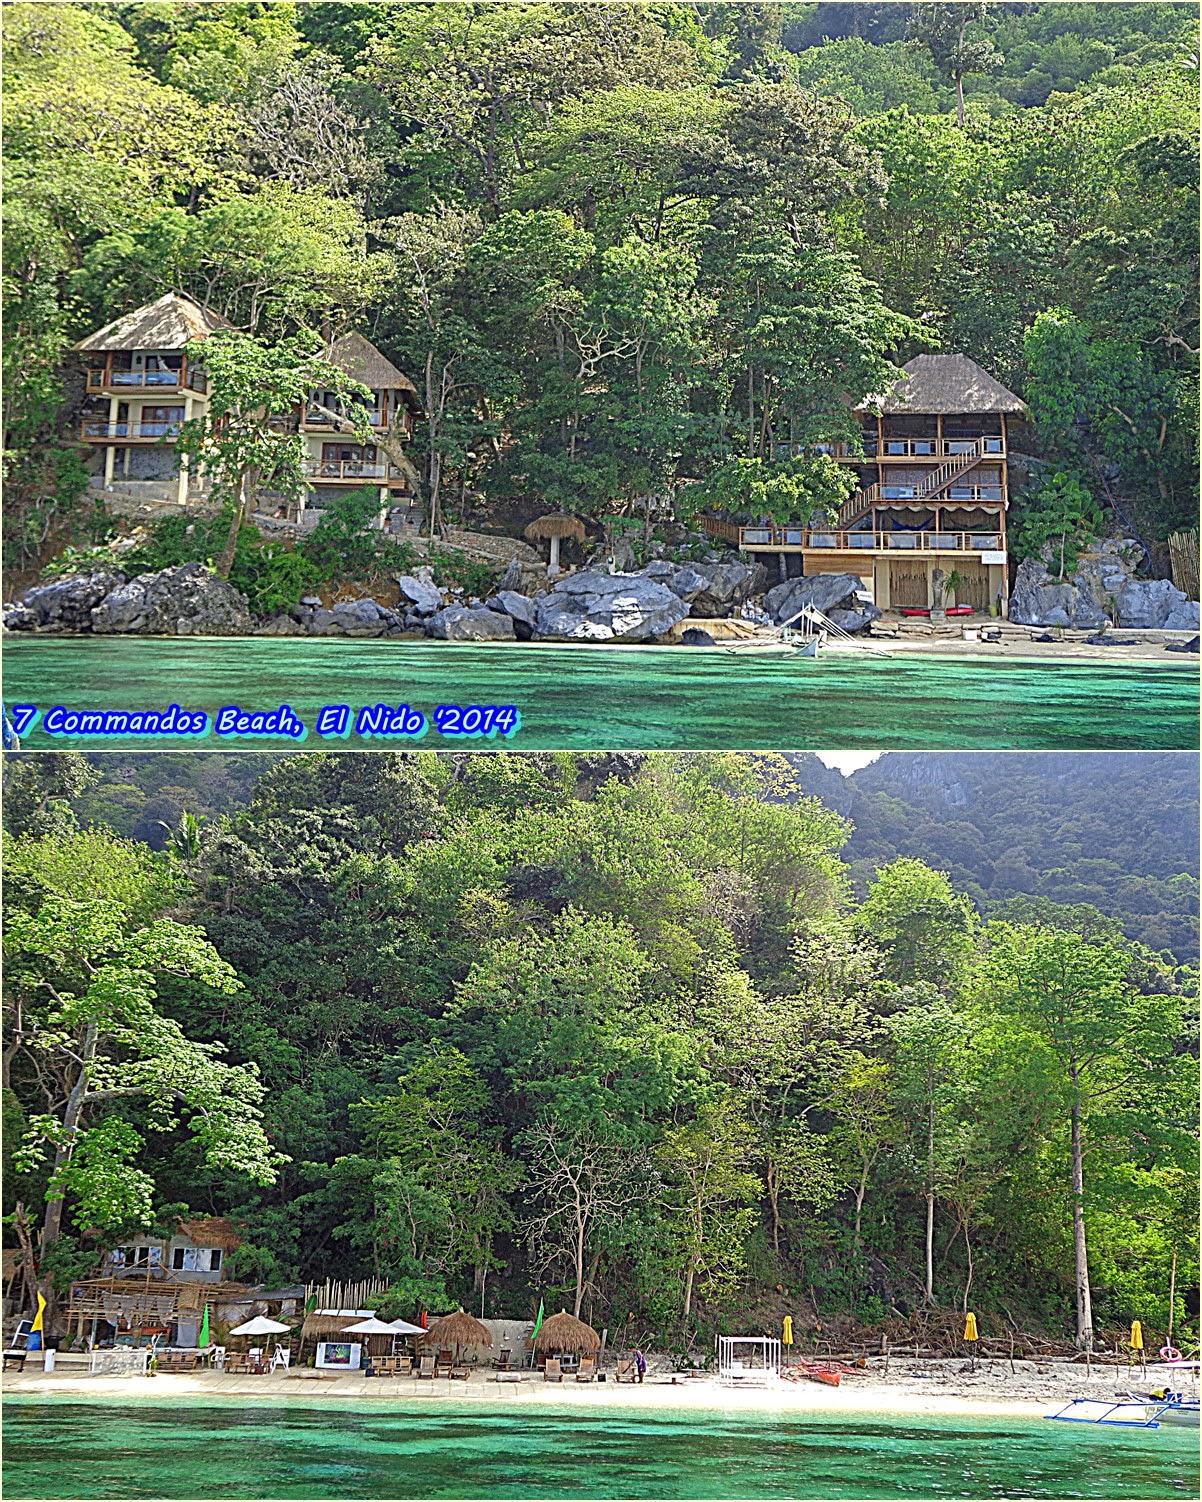 Seven Commandos Beach, Tour A, El Nido, Palawan